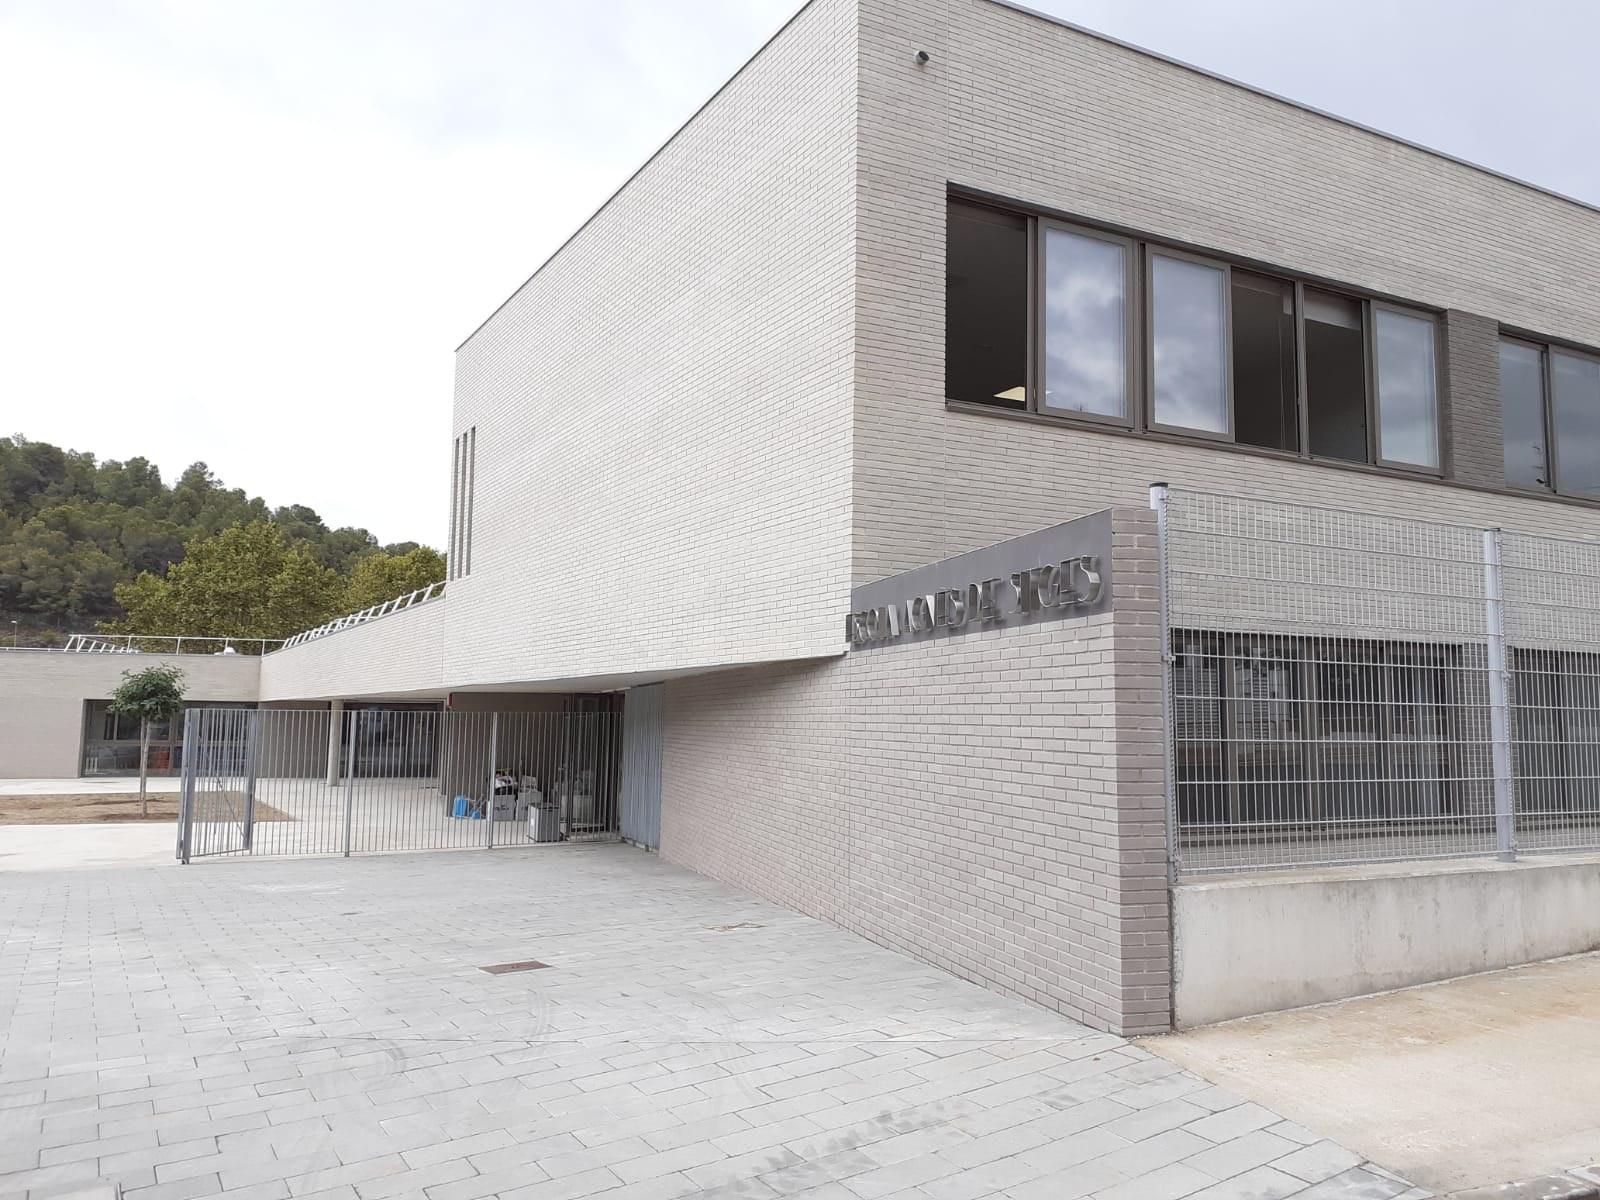 Sitges iniciarà el curs escolar 2021-2022 amb l'estrena de l'edifici nou de l'Escola Agnès de Sitges